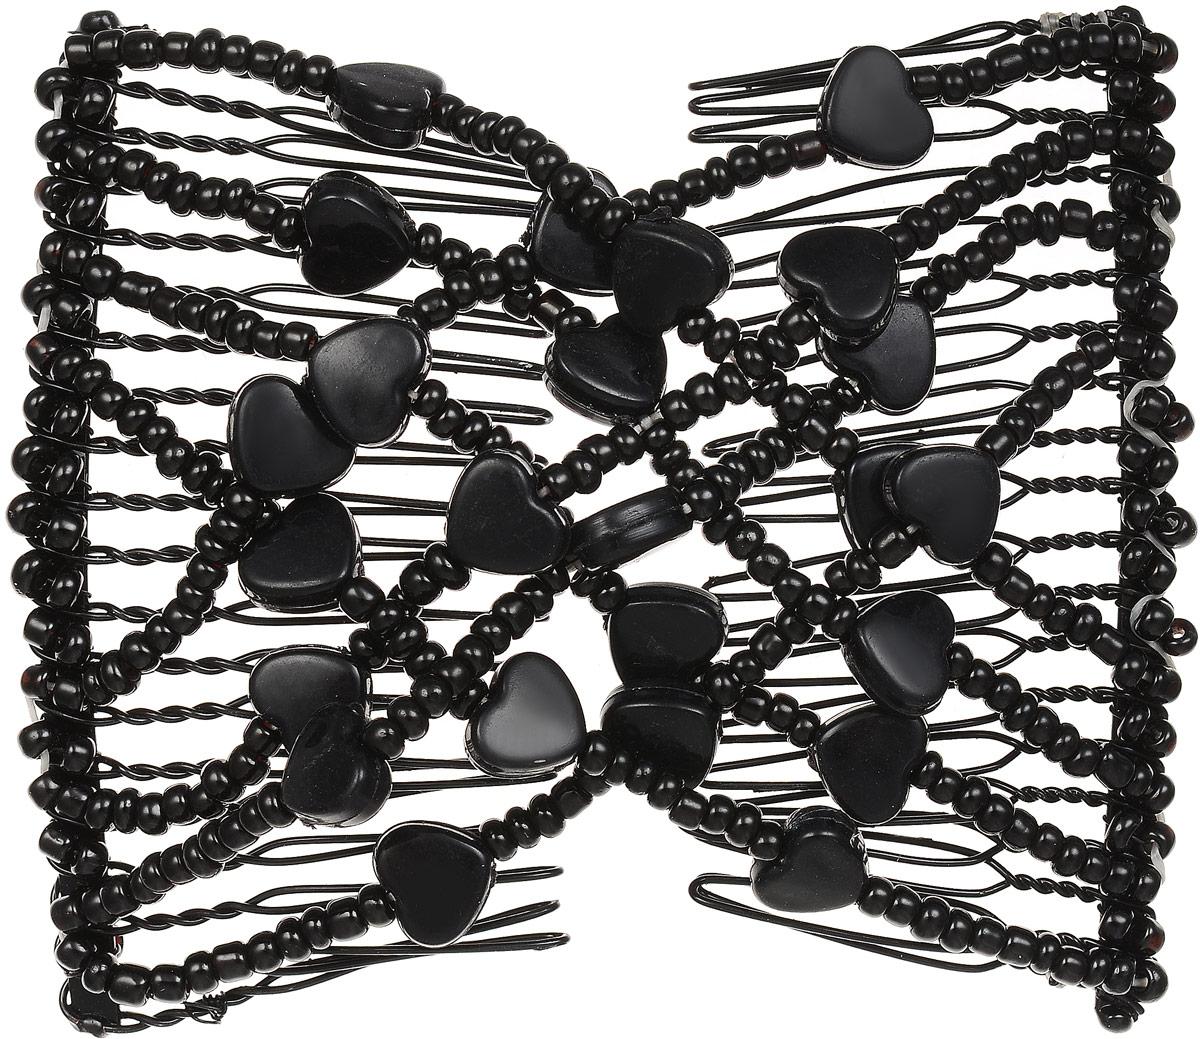 EZ-Combs Заколка Изи-Комбс, одинарная, цвет: черный. ЗИО_сердечки ez combs заколка изи комбс одинарная цвет коричневый зио цветок с серебром